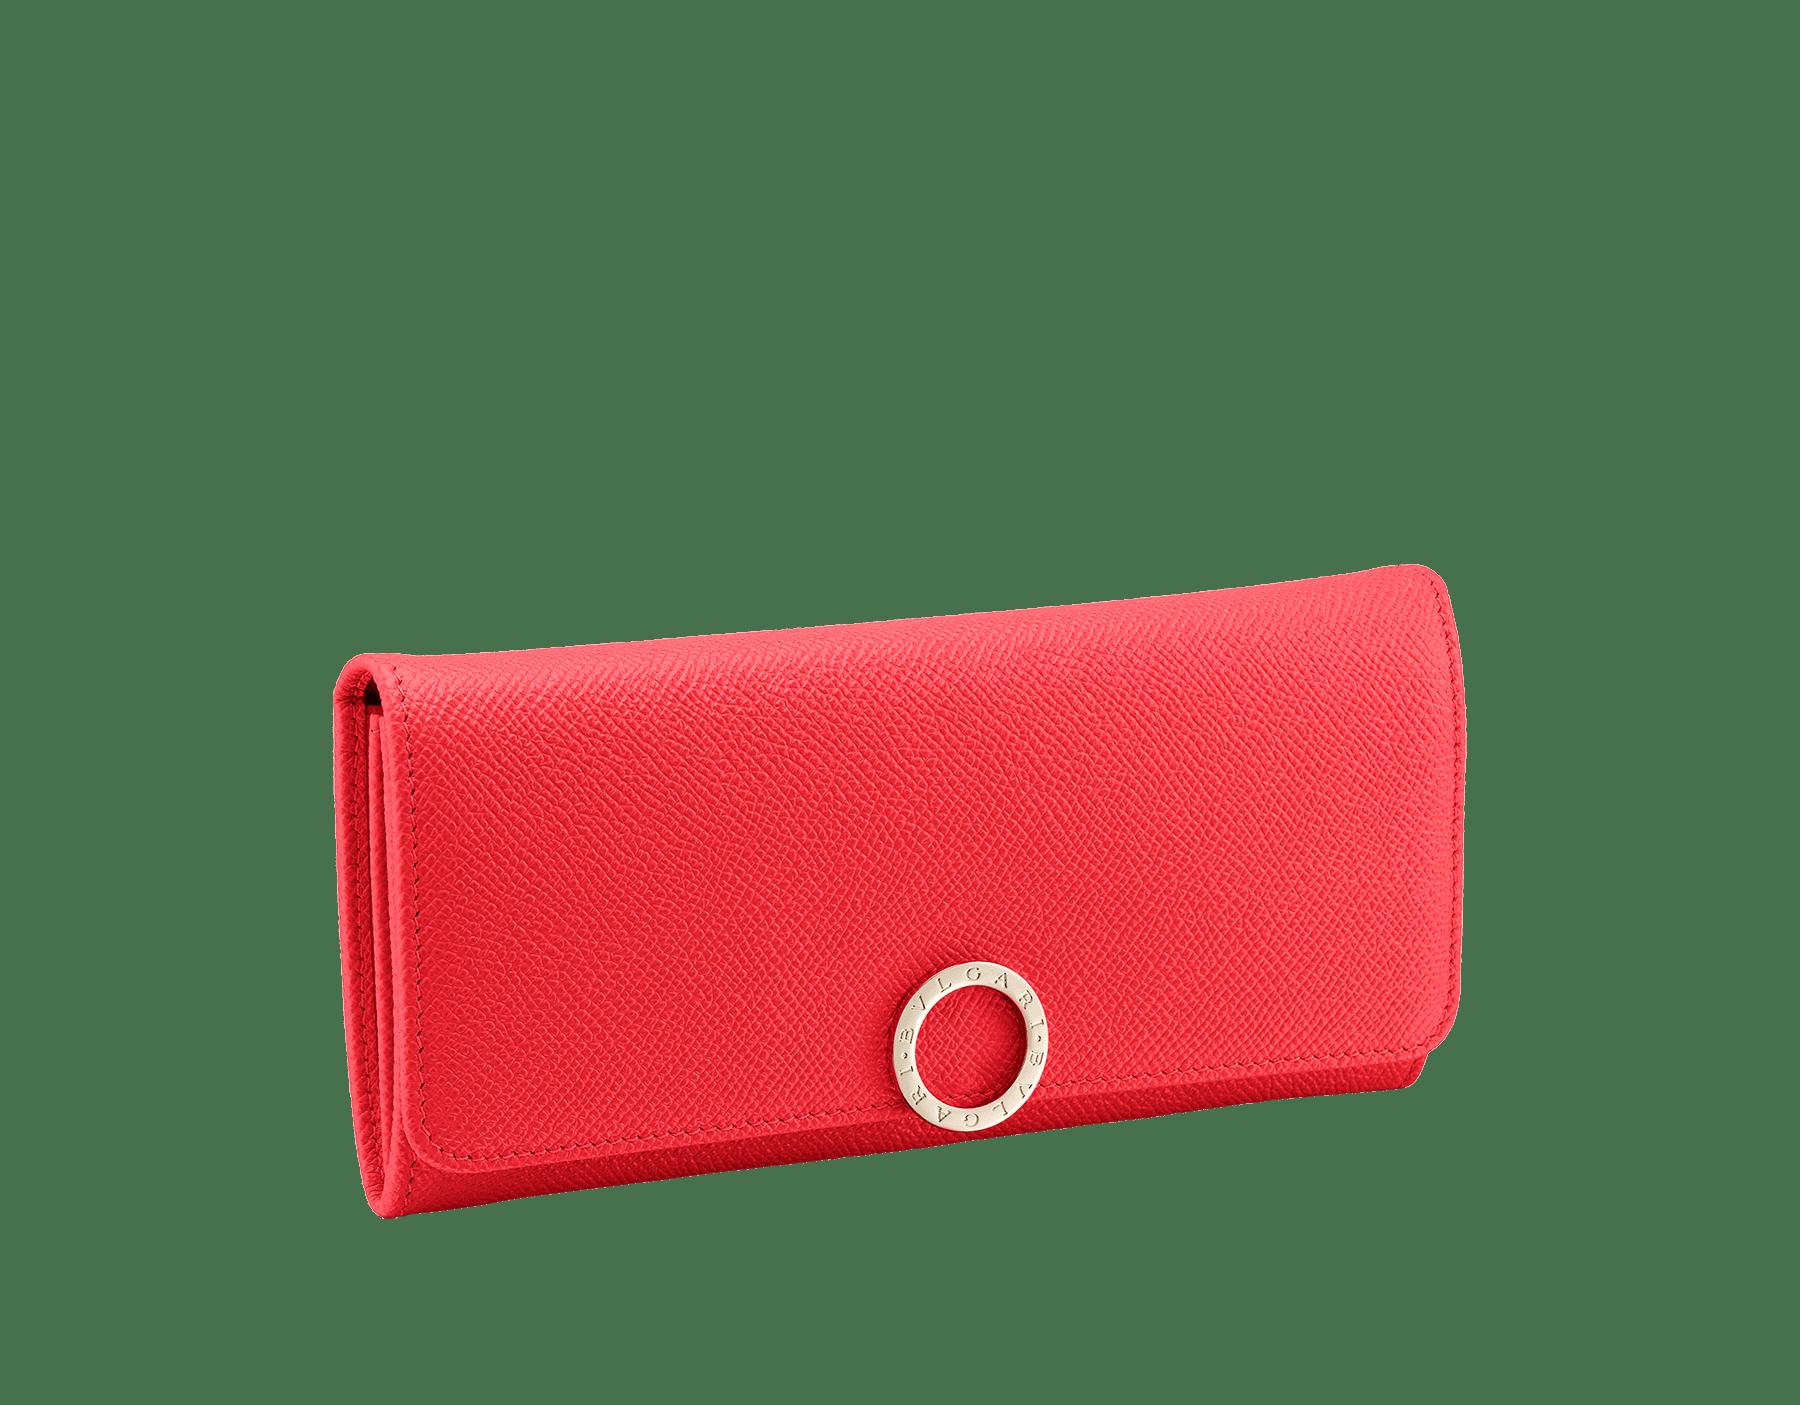 Pochette-portefeuille BVLGARI BVLGARI en cuir de veau grainé couleur Sea Star Coral et cuir nappa couleur Pink Spinel. Fermoir emblématique orné du logo Bvlgari en laiton doré. 288180 image 1